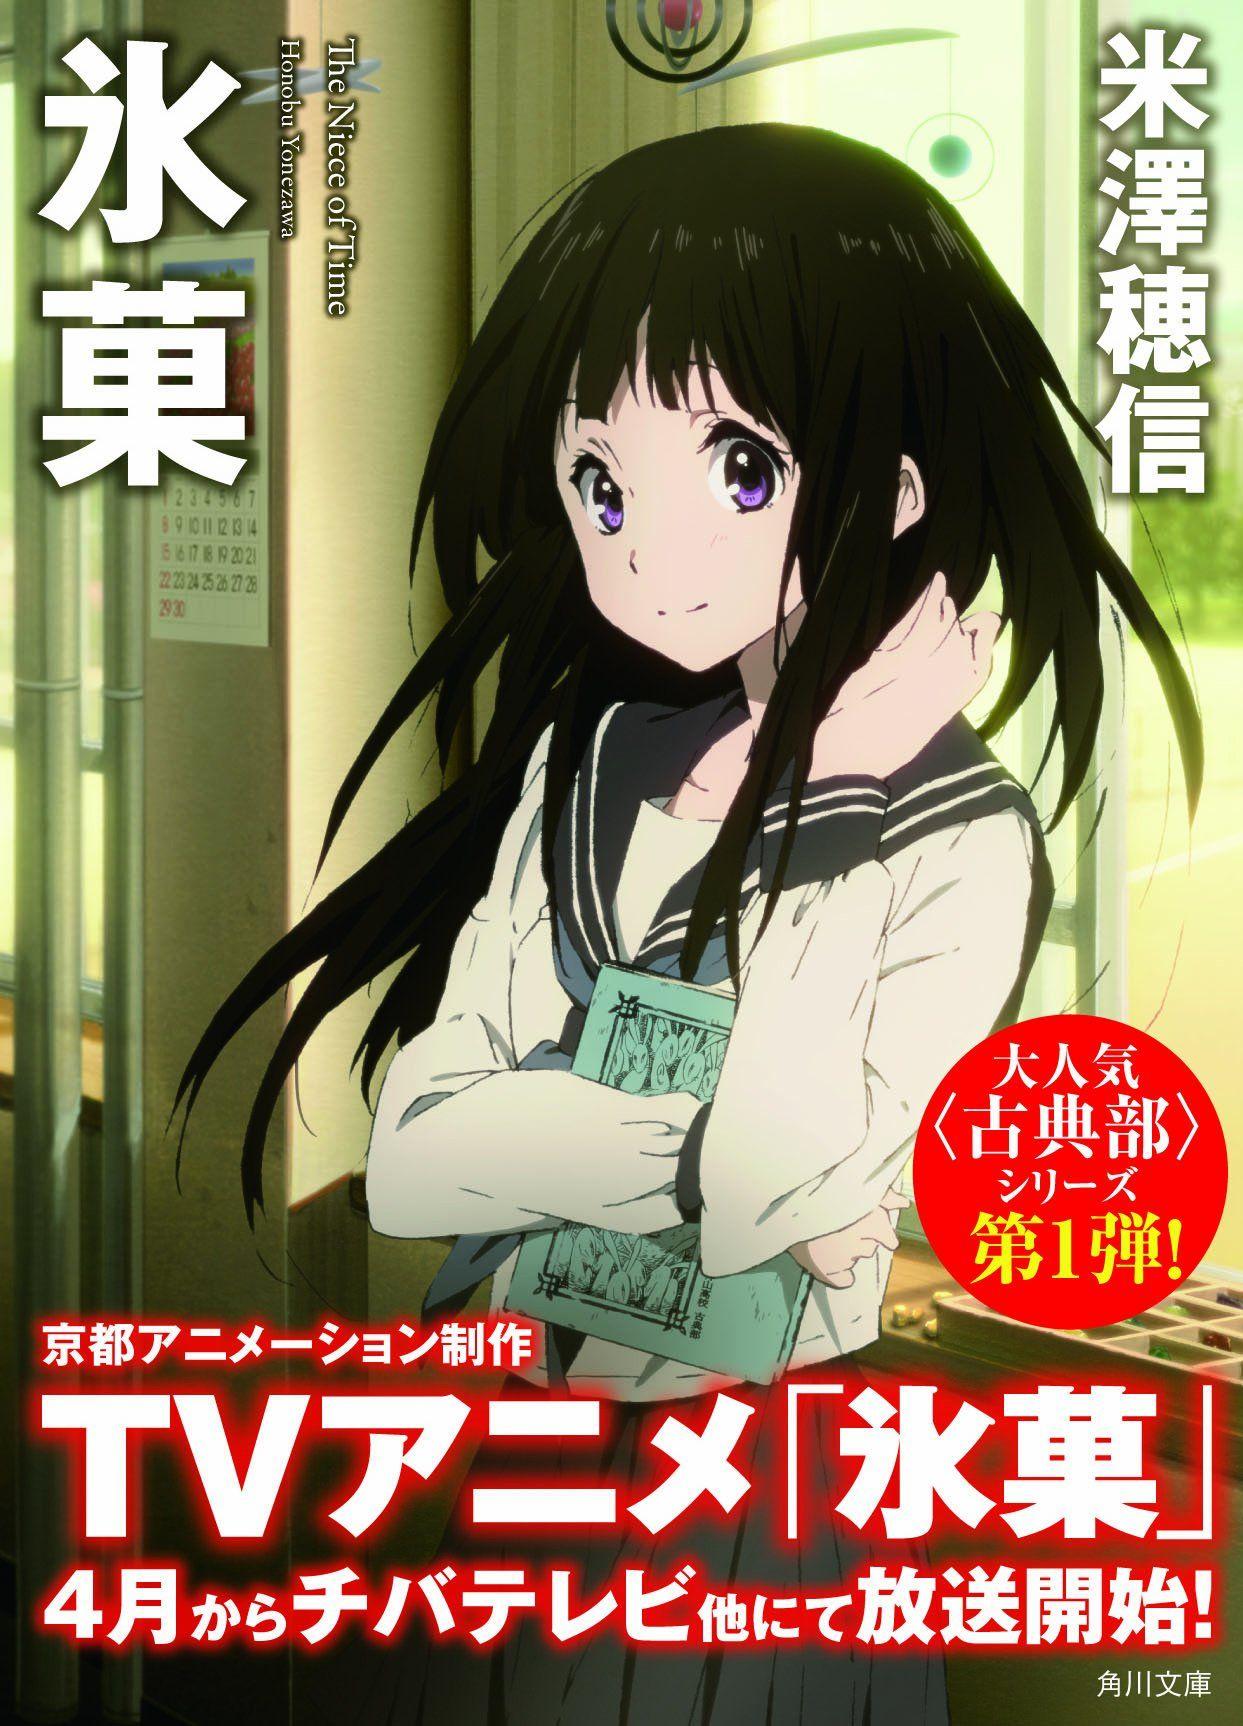 Pin by *Anisazu * on Hyouka Hyouka, Anime films, Kyoto